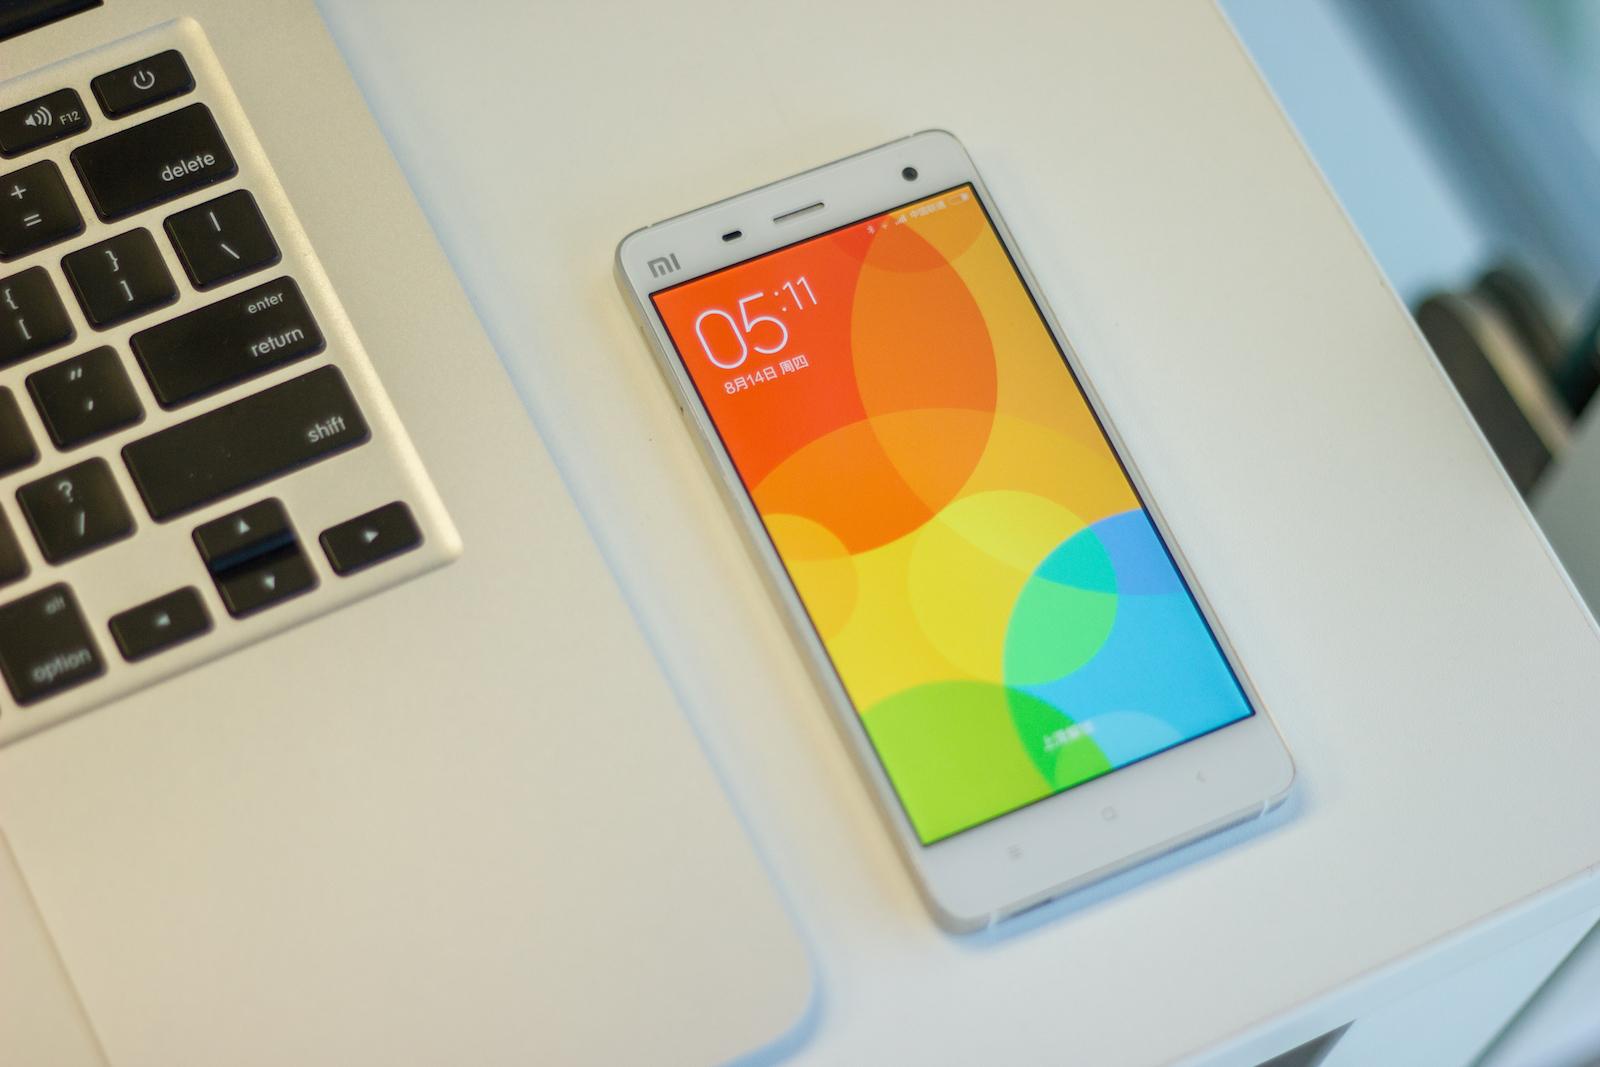 Hacer captura de pantalla en Xiaomi MIUI